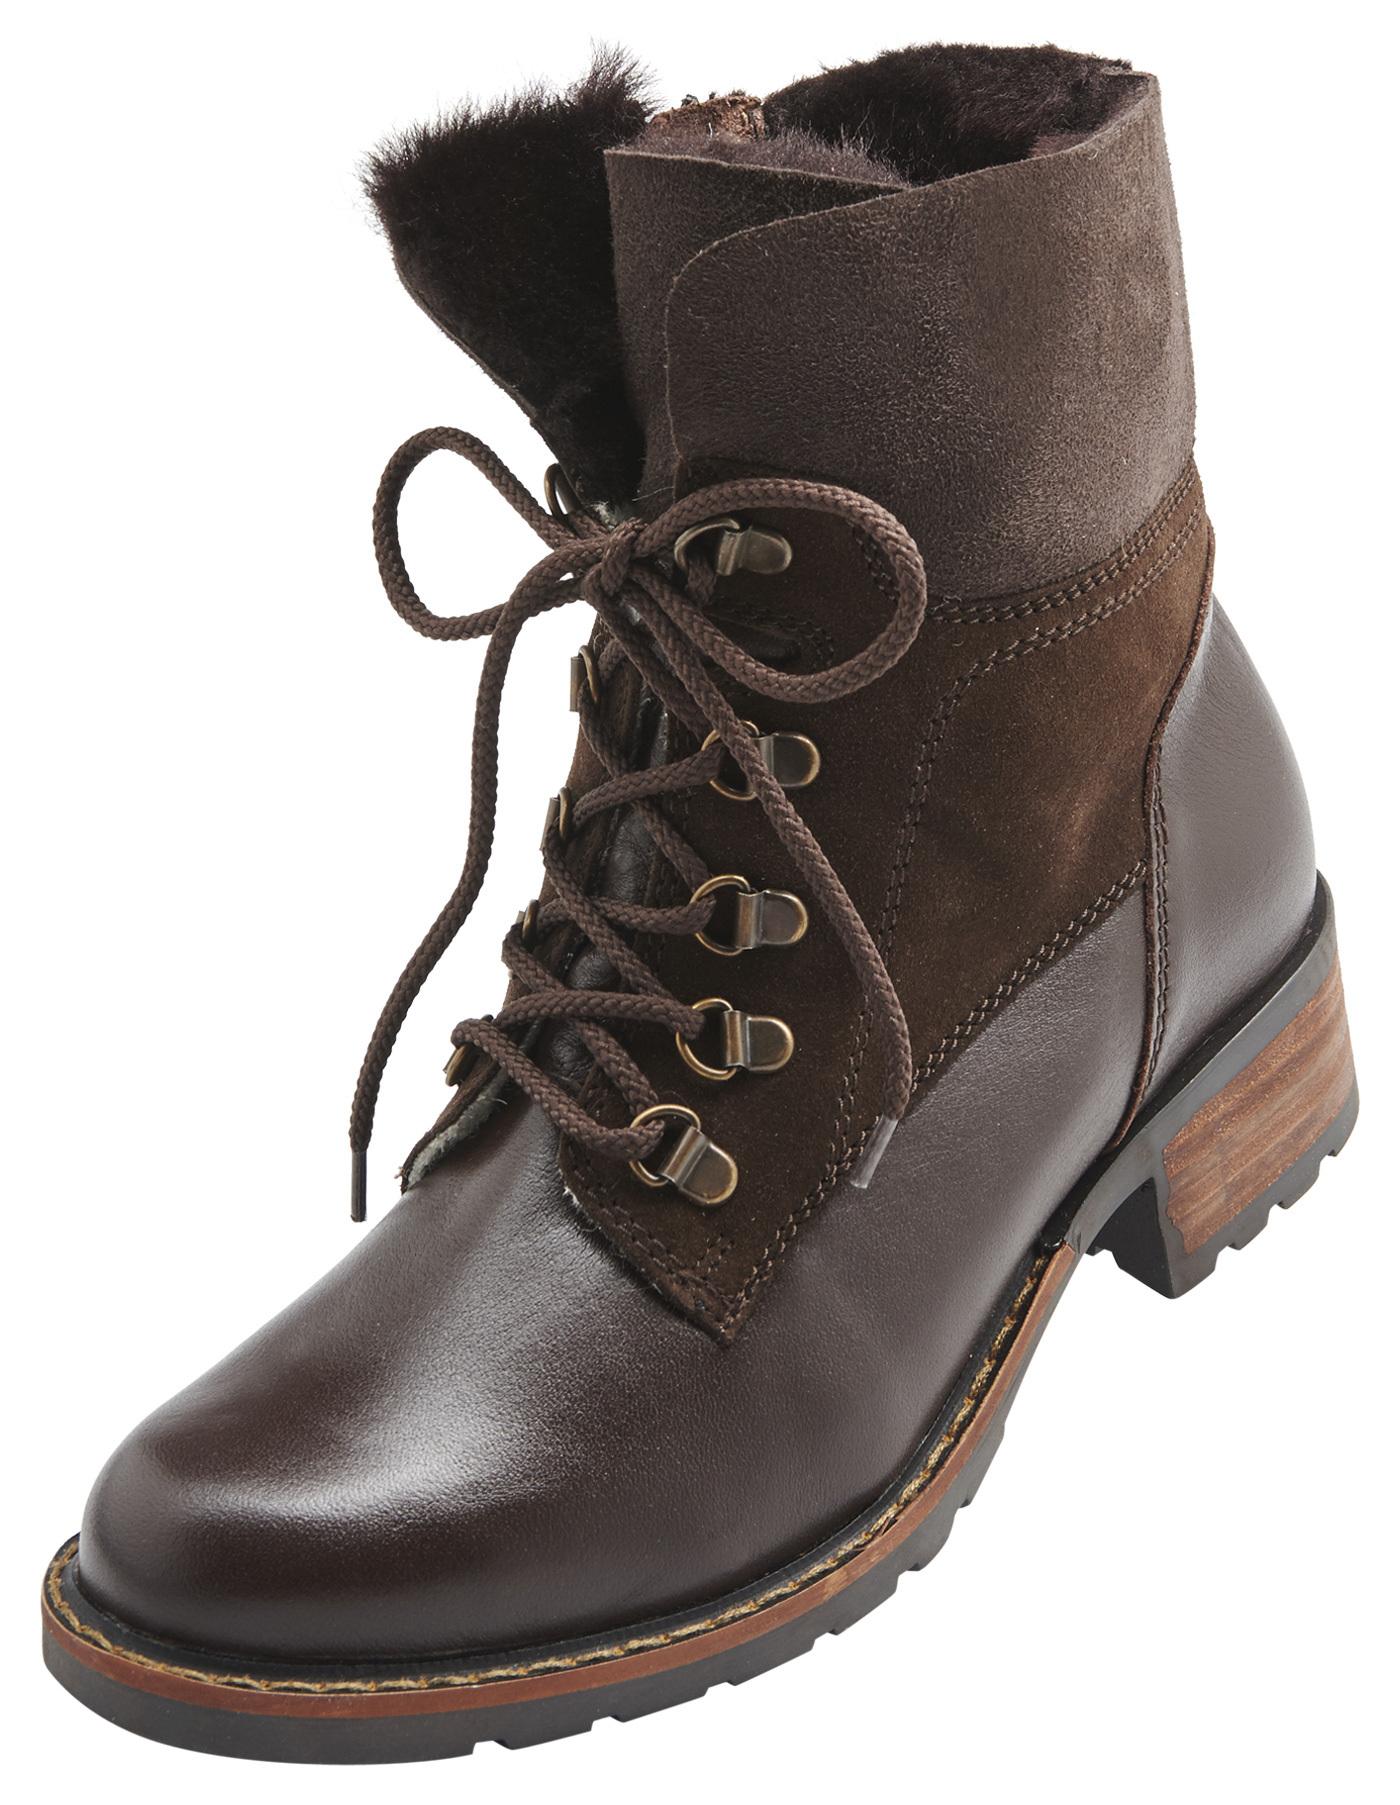 Gefütterte Schuhe wunderbar warme Füße | Deerberg GmbH